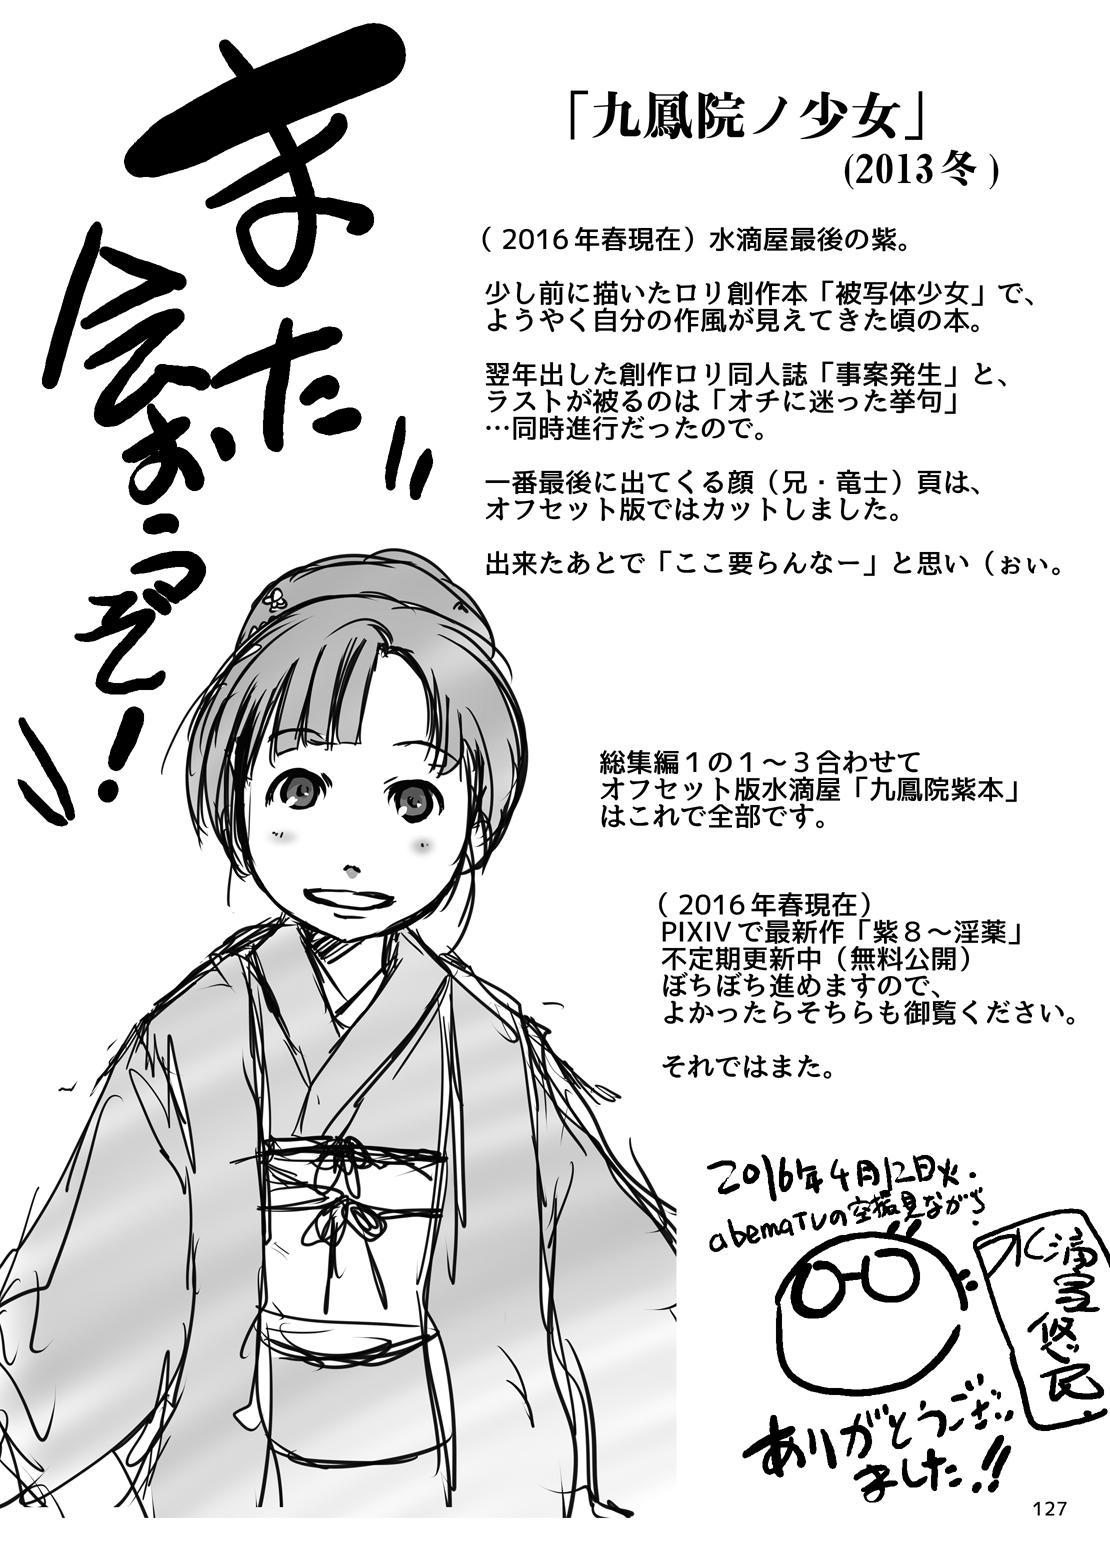 Murasaki no Iro - Kuhouin Murasaki Bon Soushuuhen 2 126